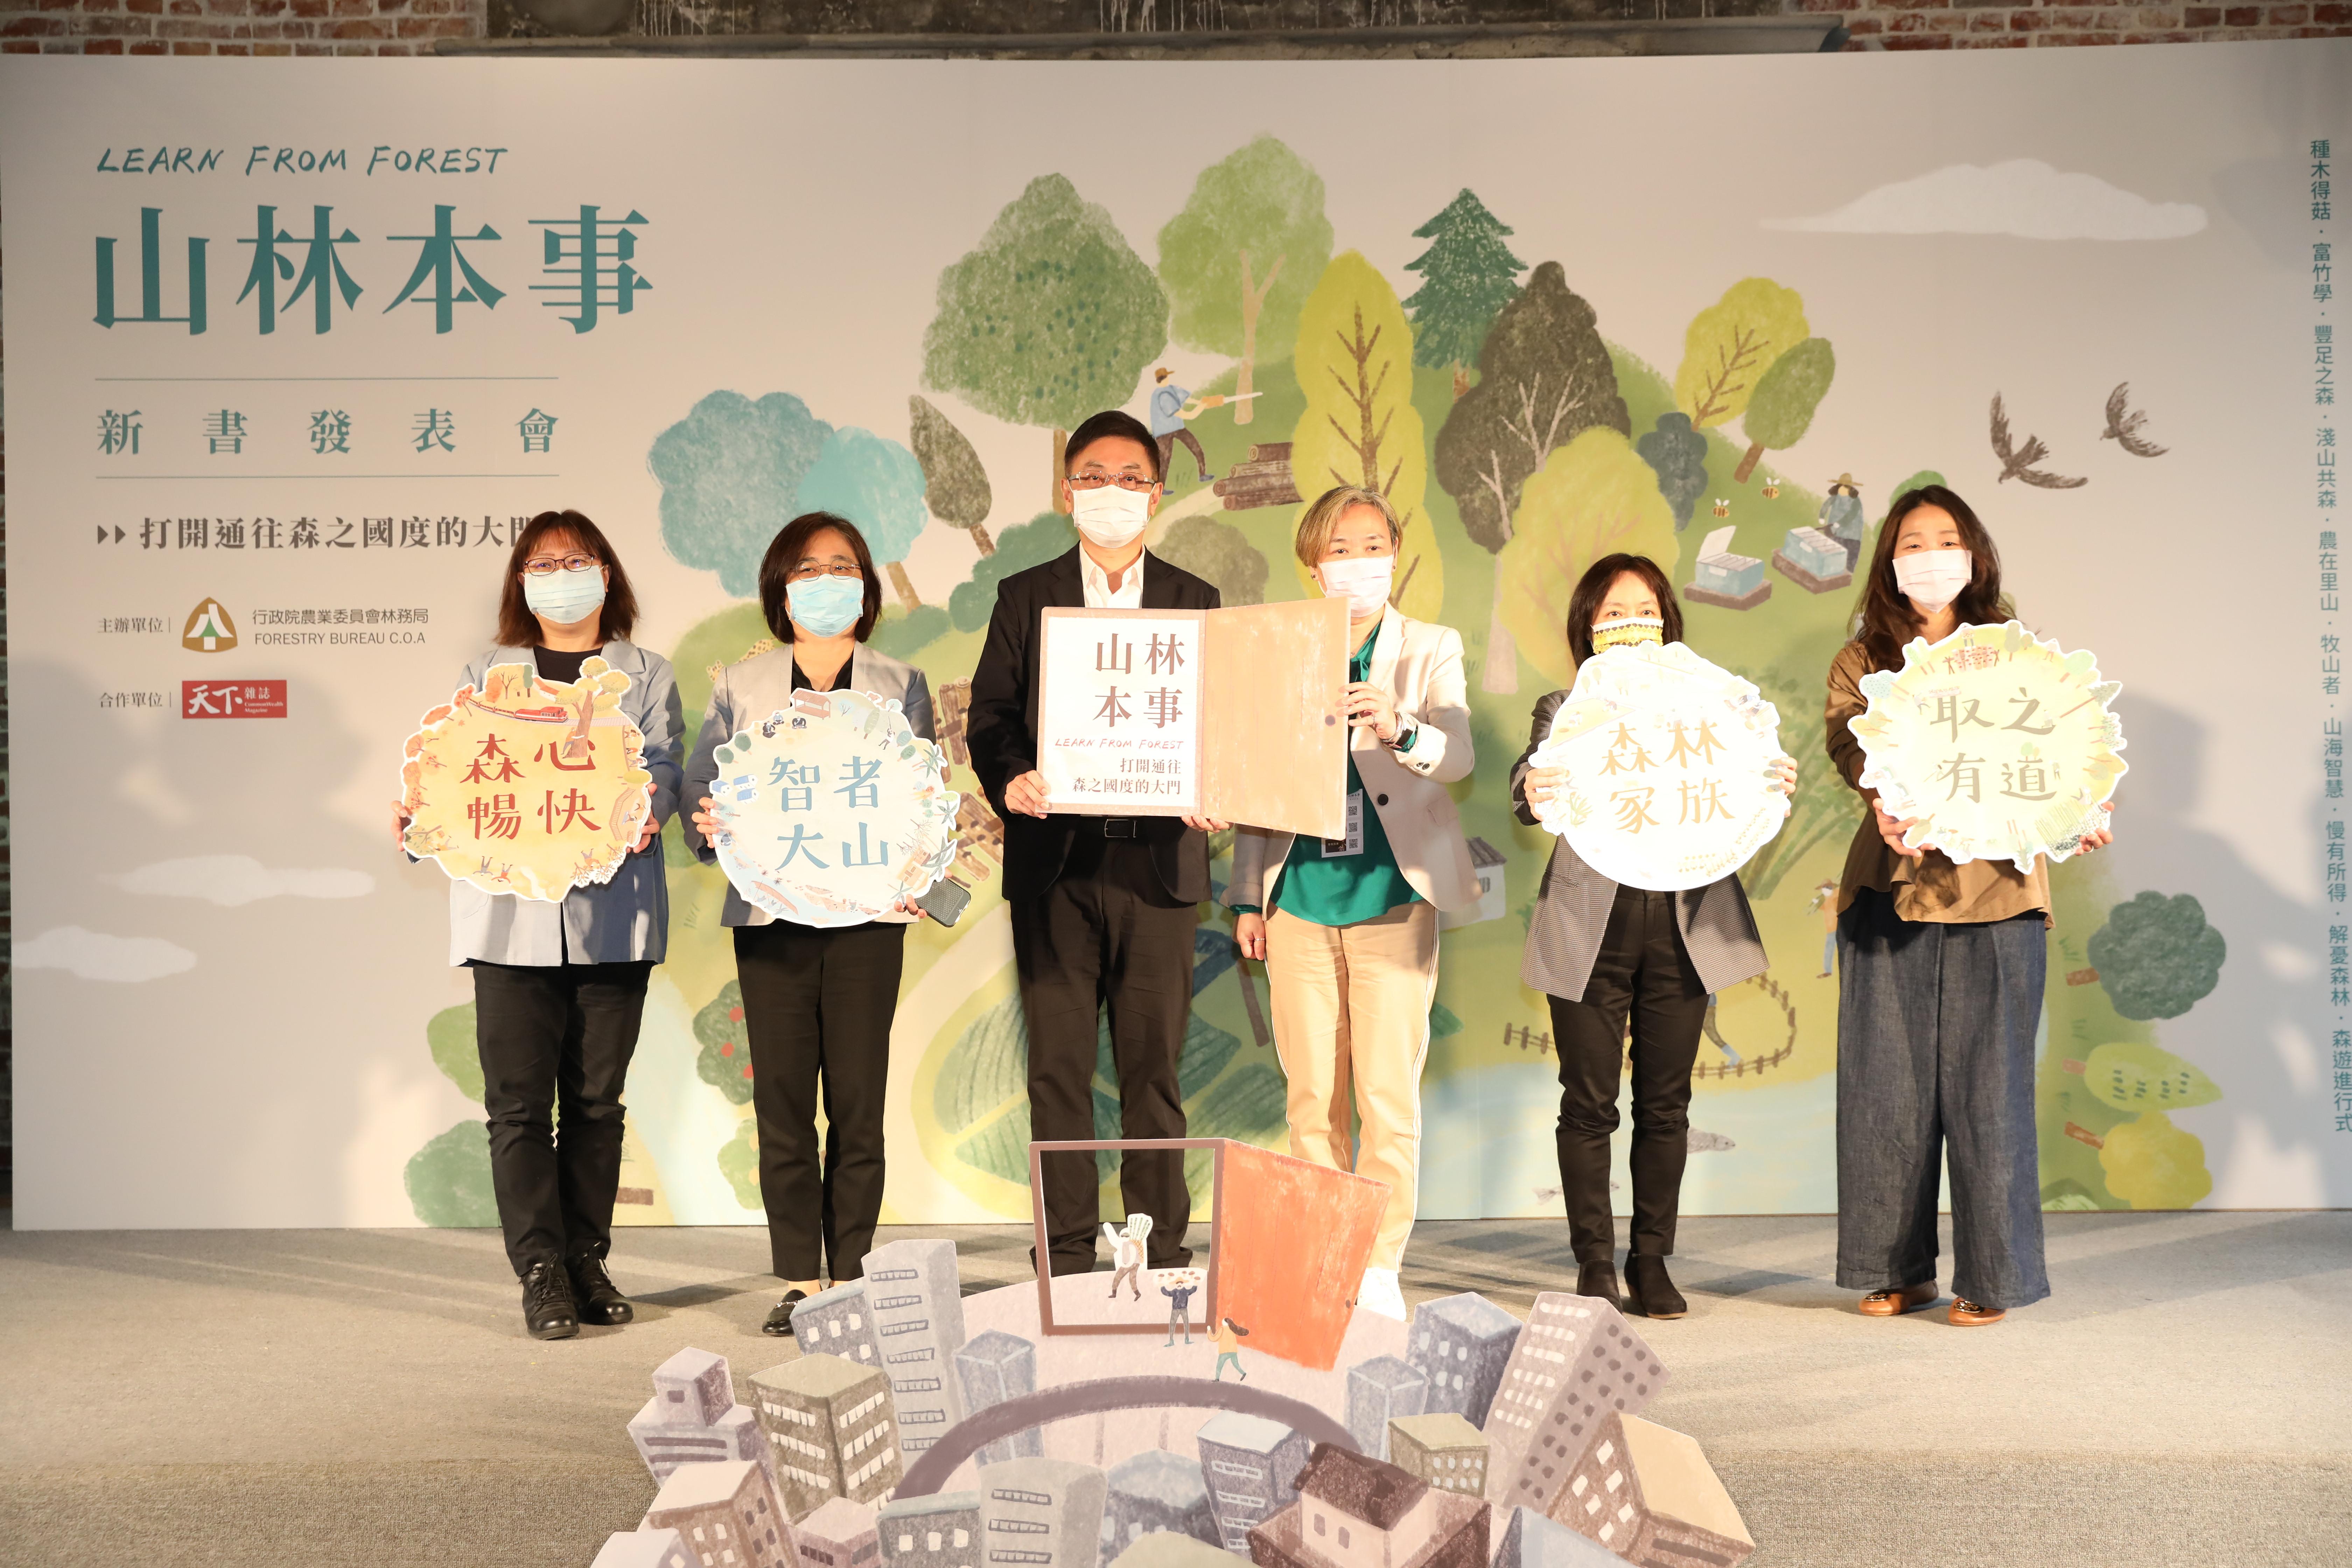 學習與環境共好--分享台灣擁有山林本事的職人故事